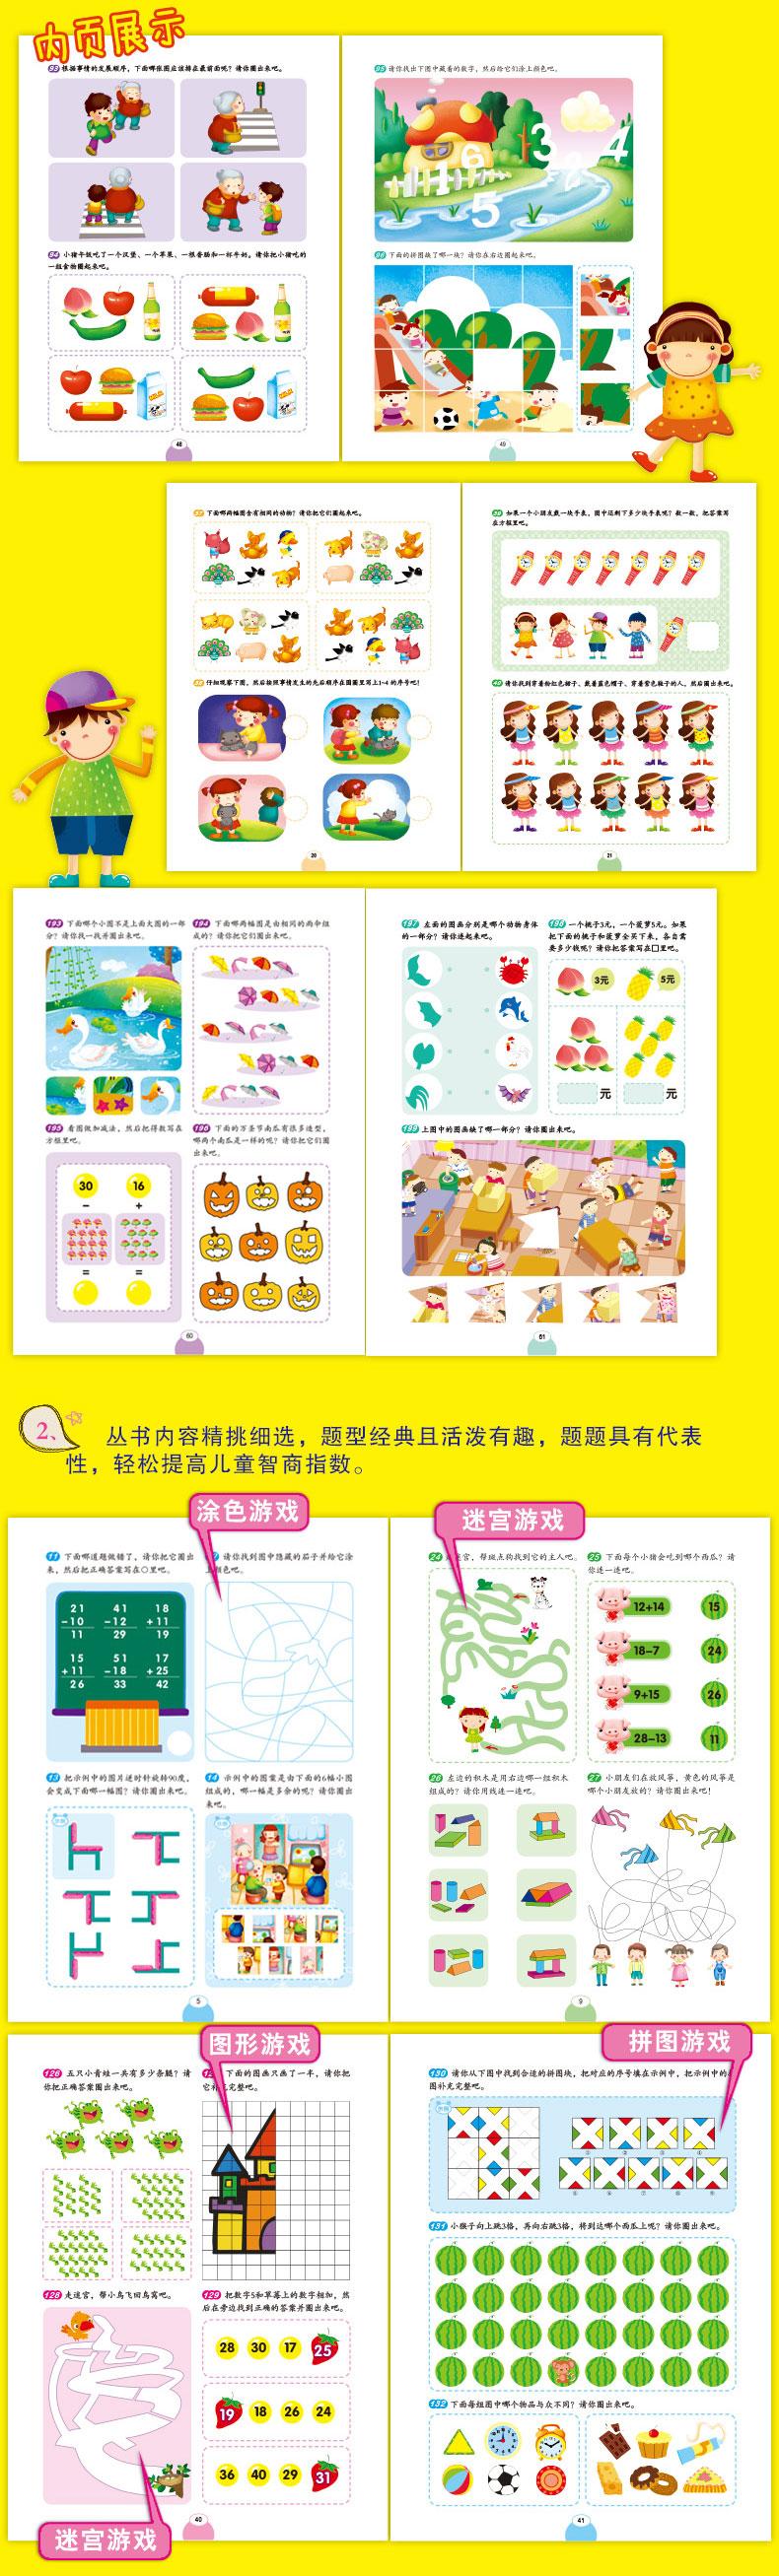 童书 幼儿启蒙 幼儿园教材及入学准备 幼儿园数学启蒙500题 3-6岁中班